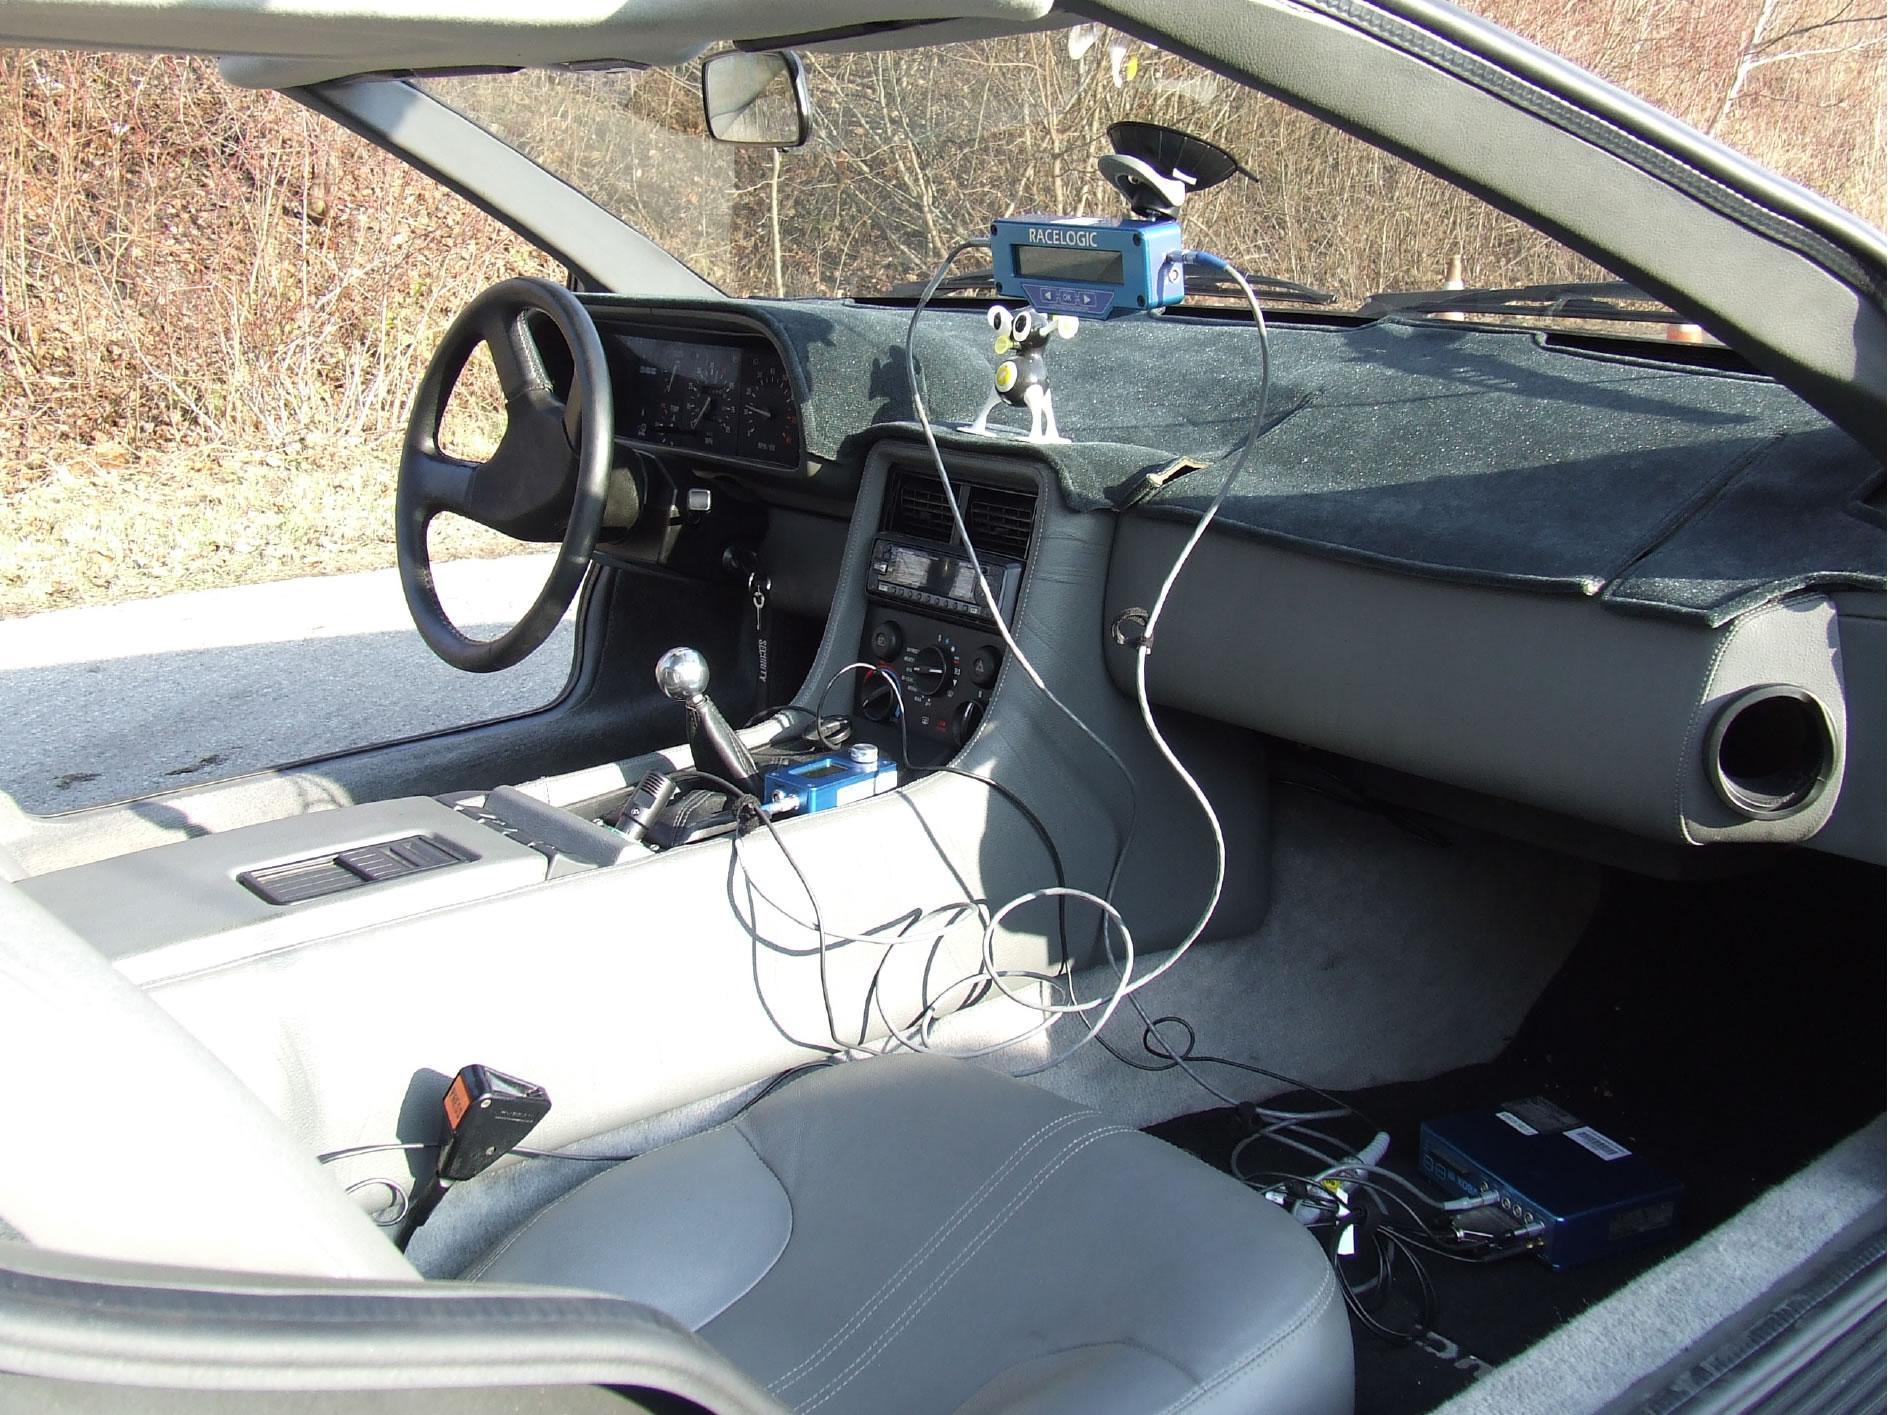 Auto ist am Gerät angeschlossen